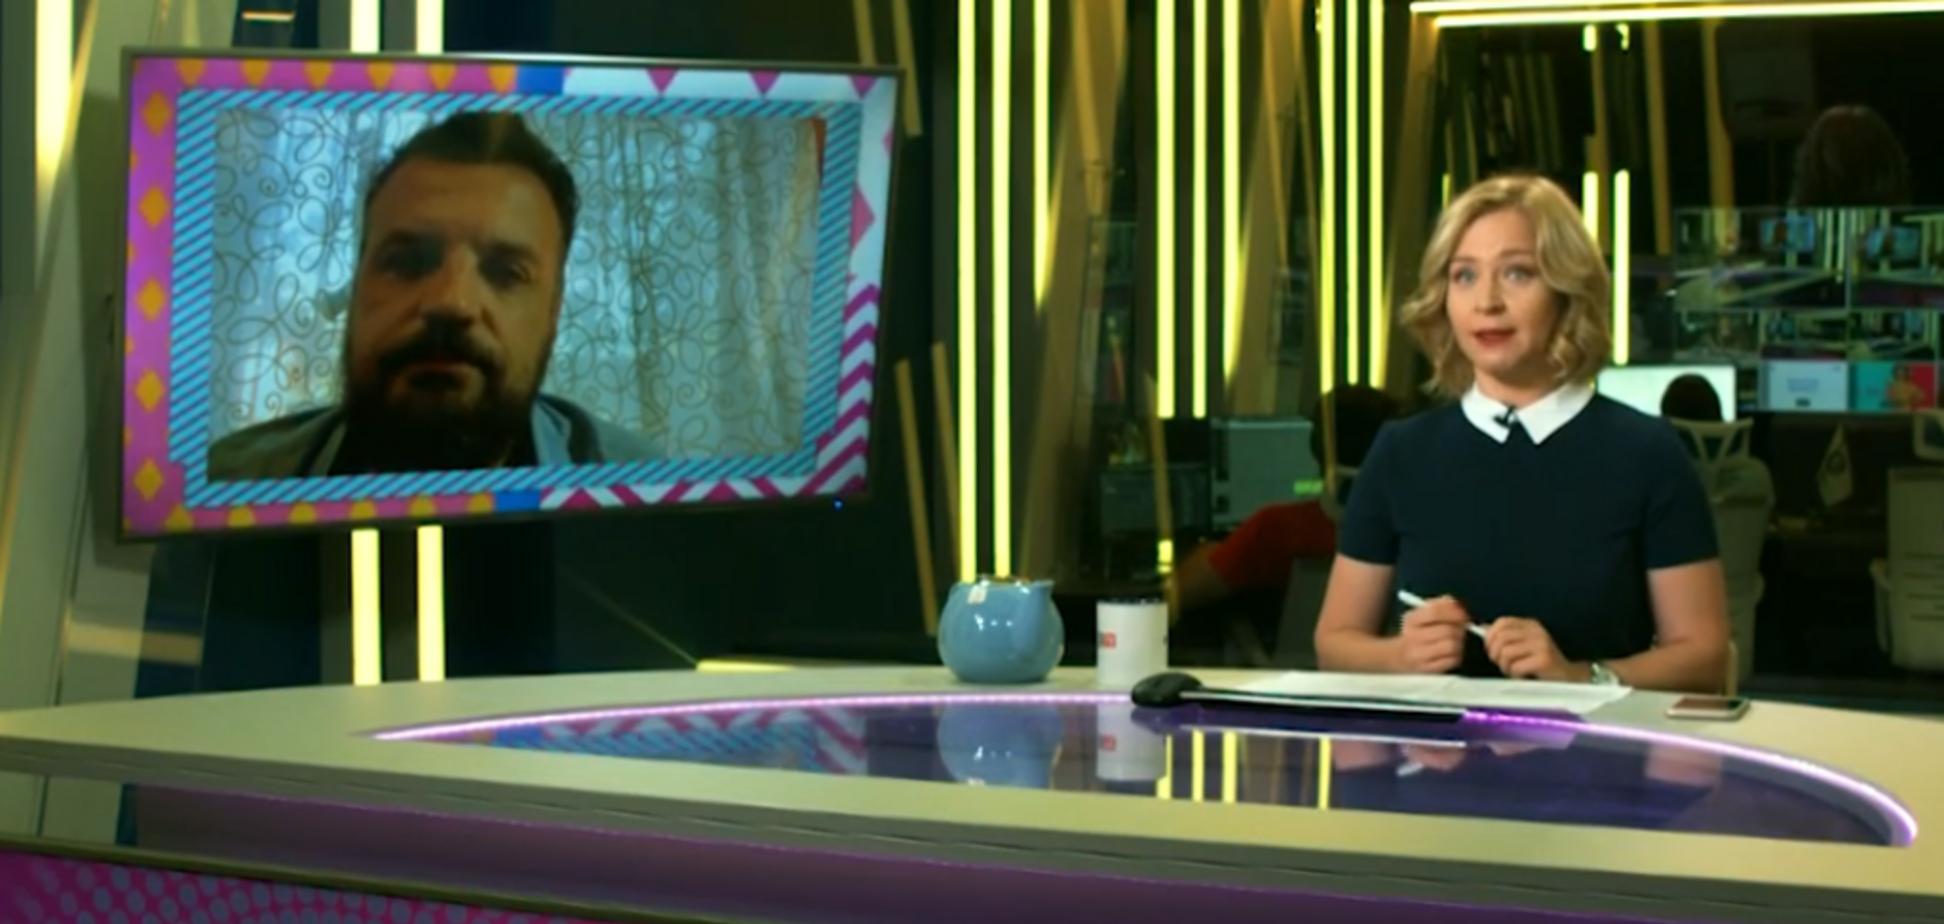 Шарій vs Яніна Соколова: гучний скандал отримав продовження